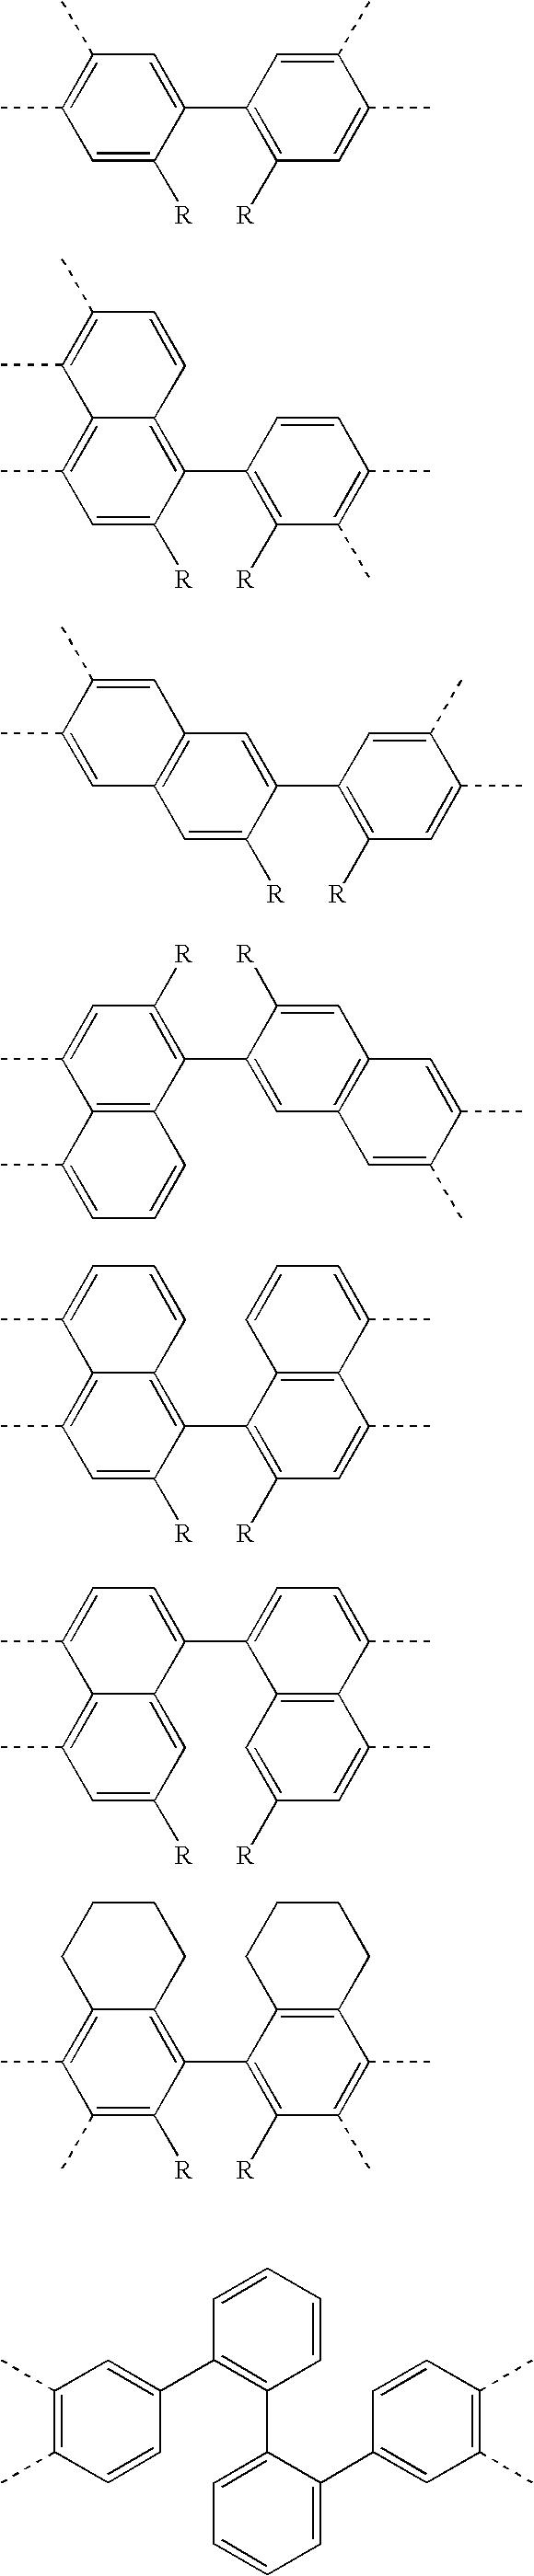 Figure US20100252819A1-20101007-C00009